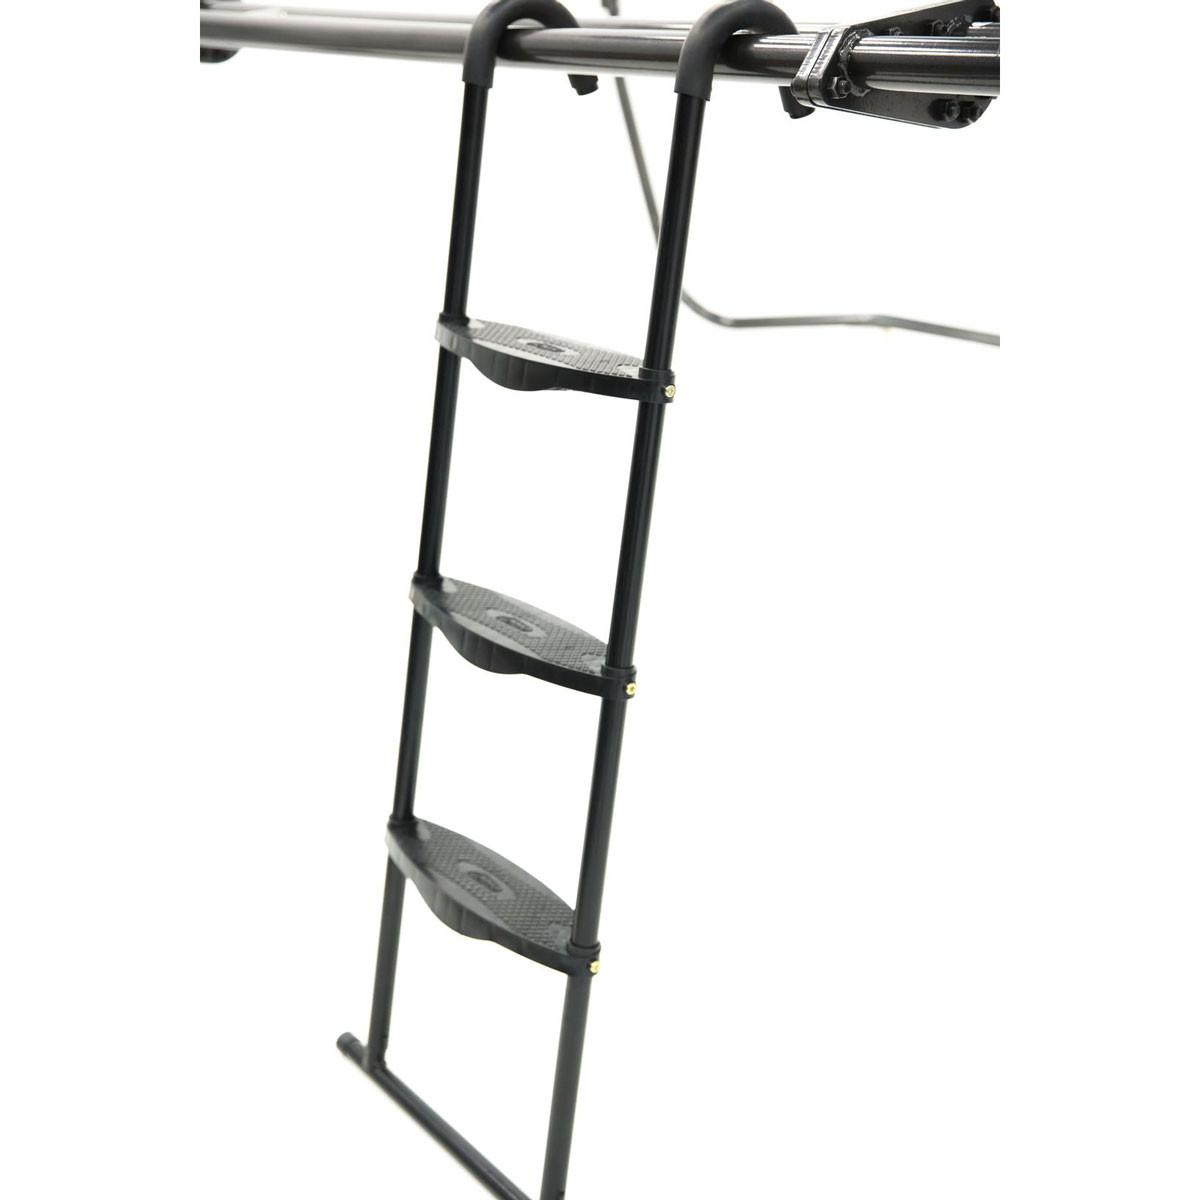 SkyBound 3-Step Adjustable Trampoline Ladder (ACC-LDR03-001)